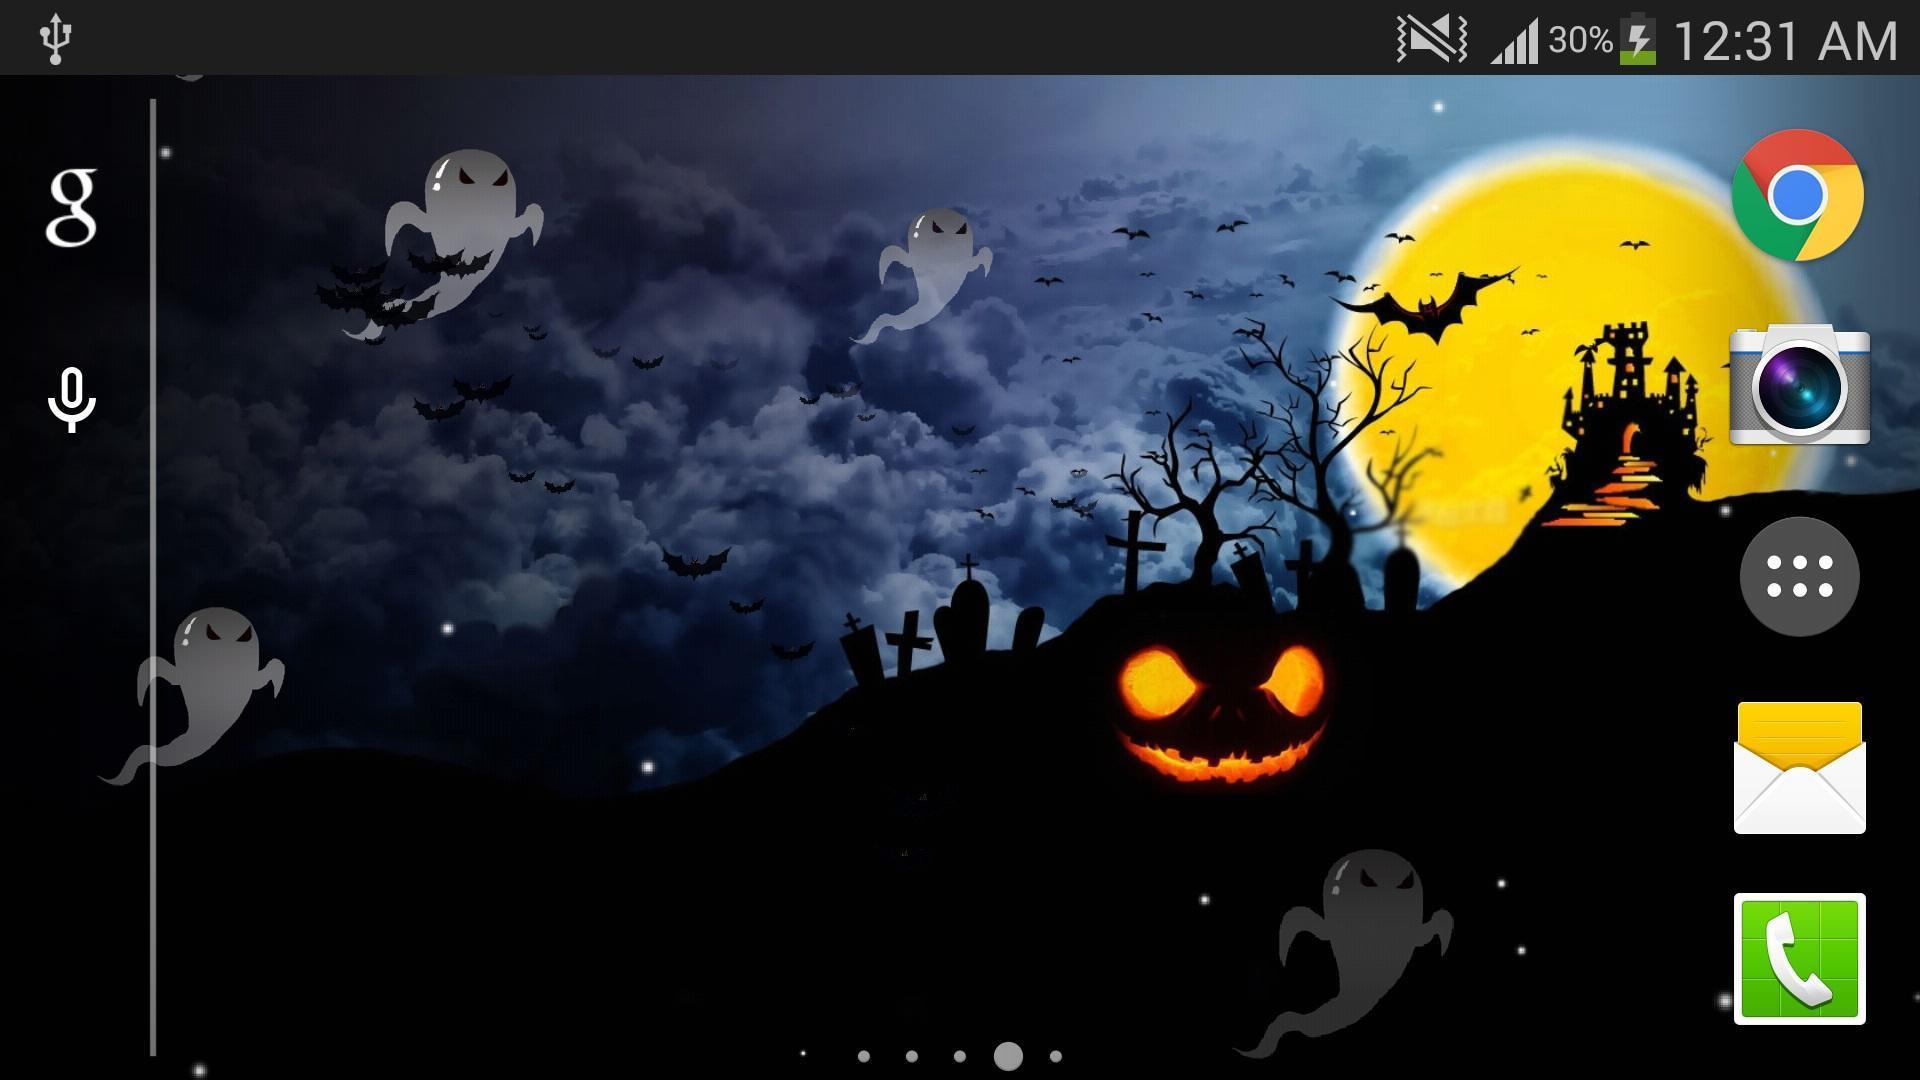 Android 用の ハロウィンライブ壁紙無料hd Apk をダウンロード